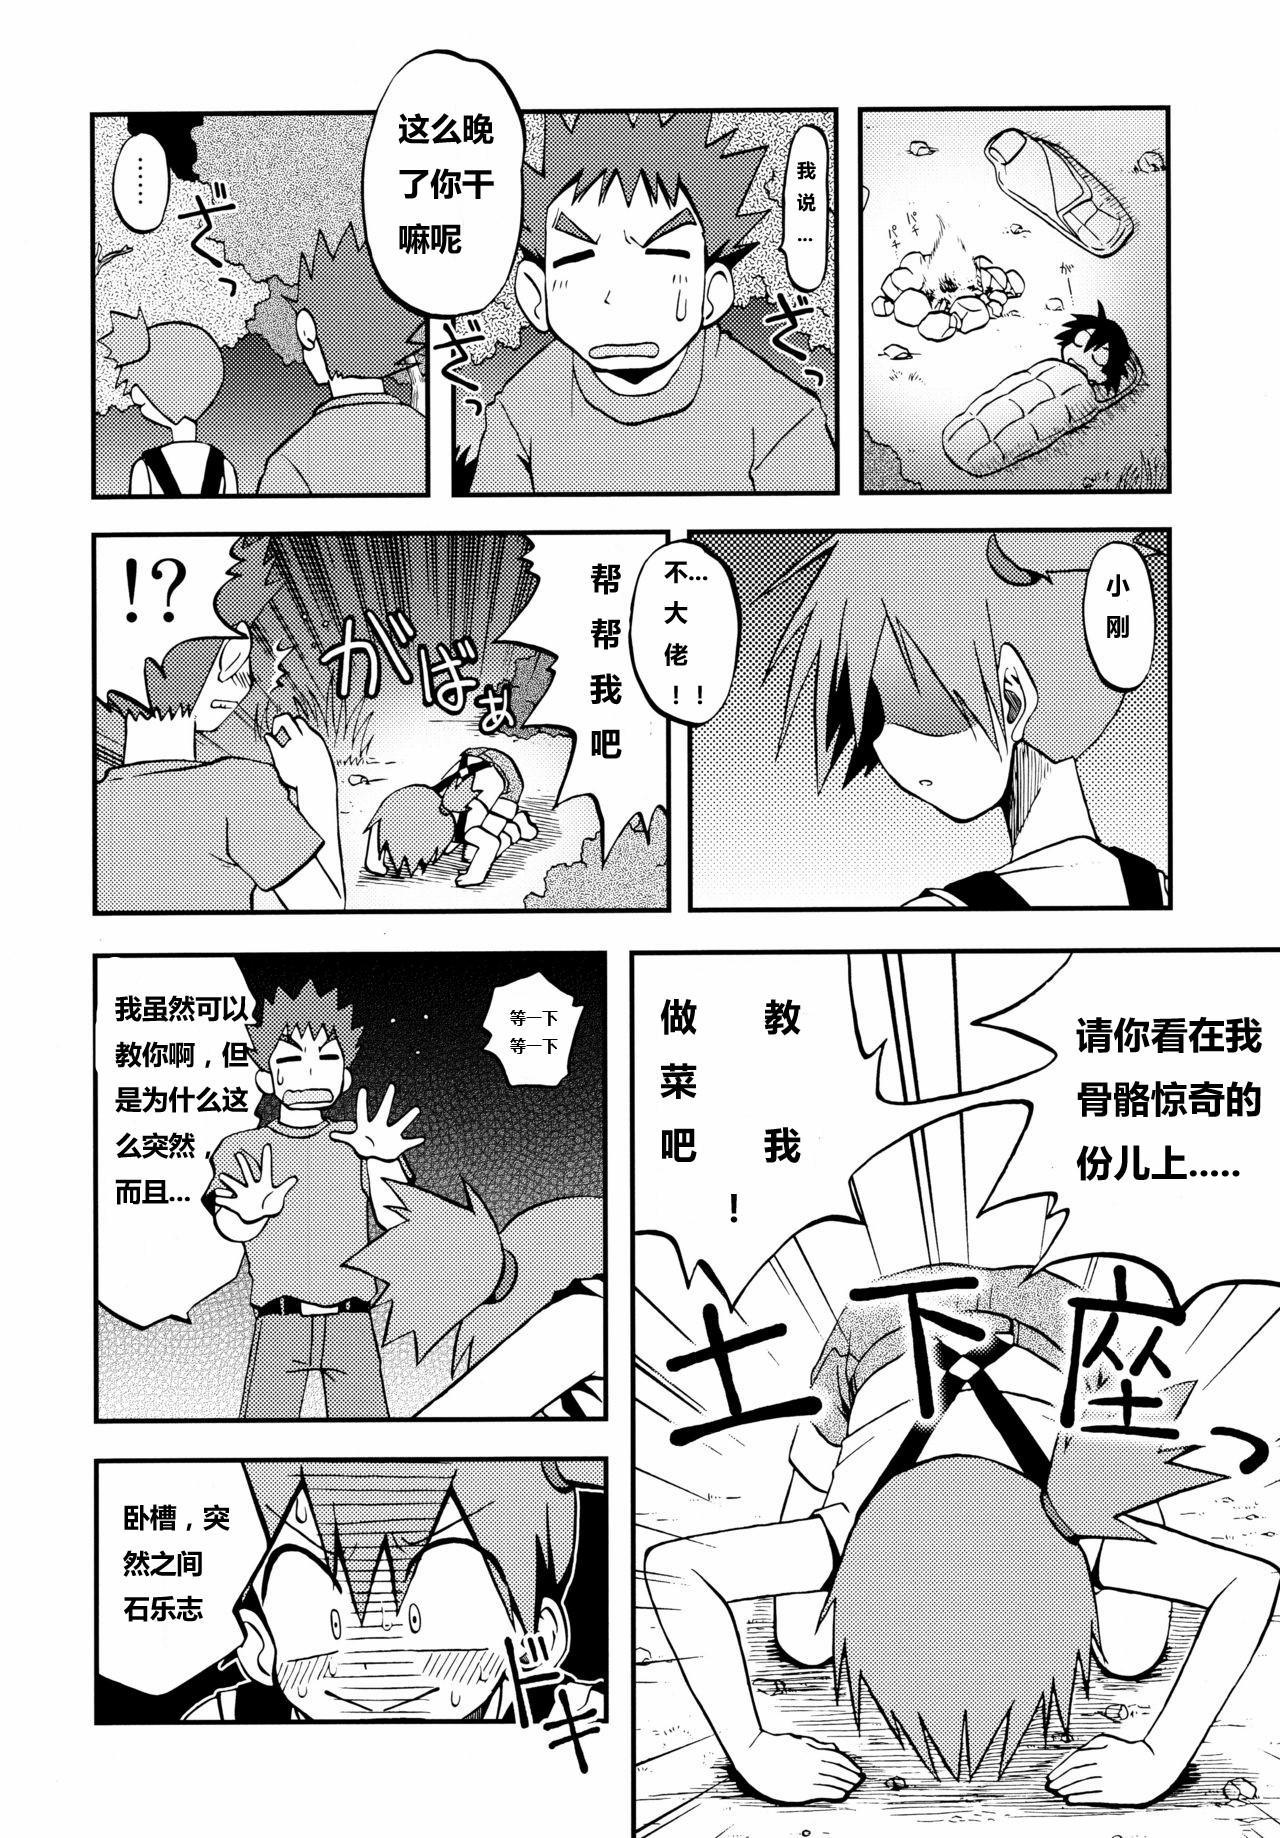 Kieteshimai souna Yume kotobanisureba 2